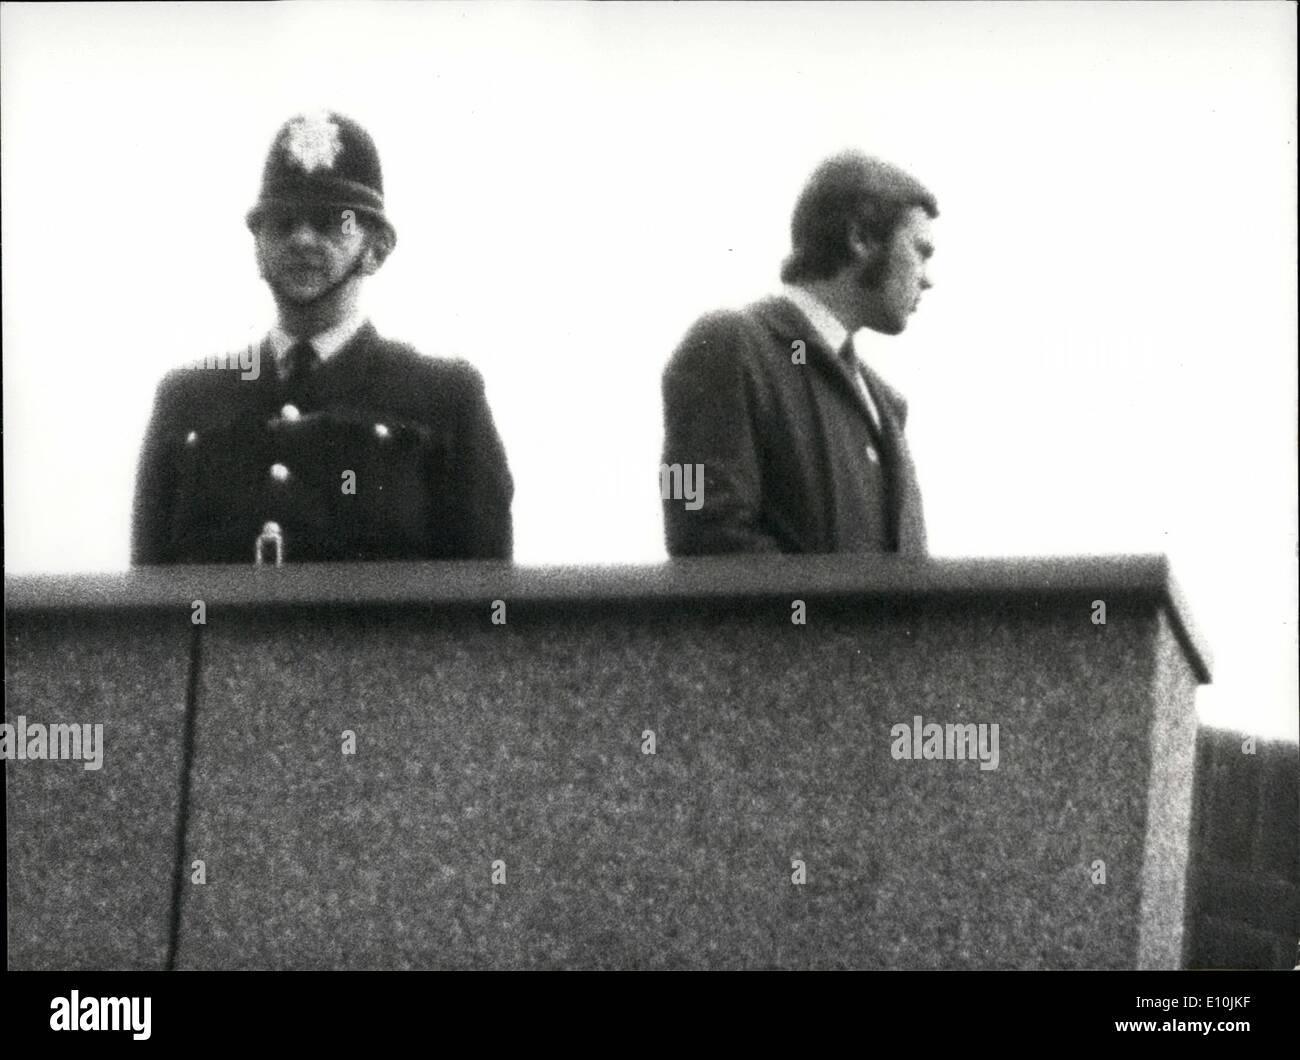 Mar. 03, 1973 - Précautions à Bow Street   Cour de sécurité normales ont f156c6392b8